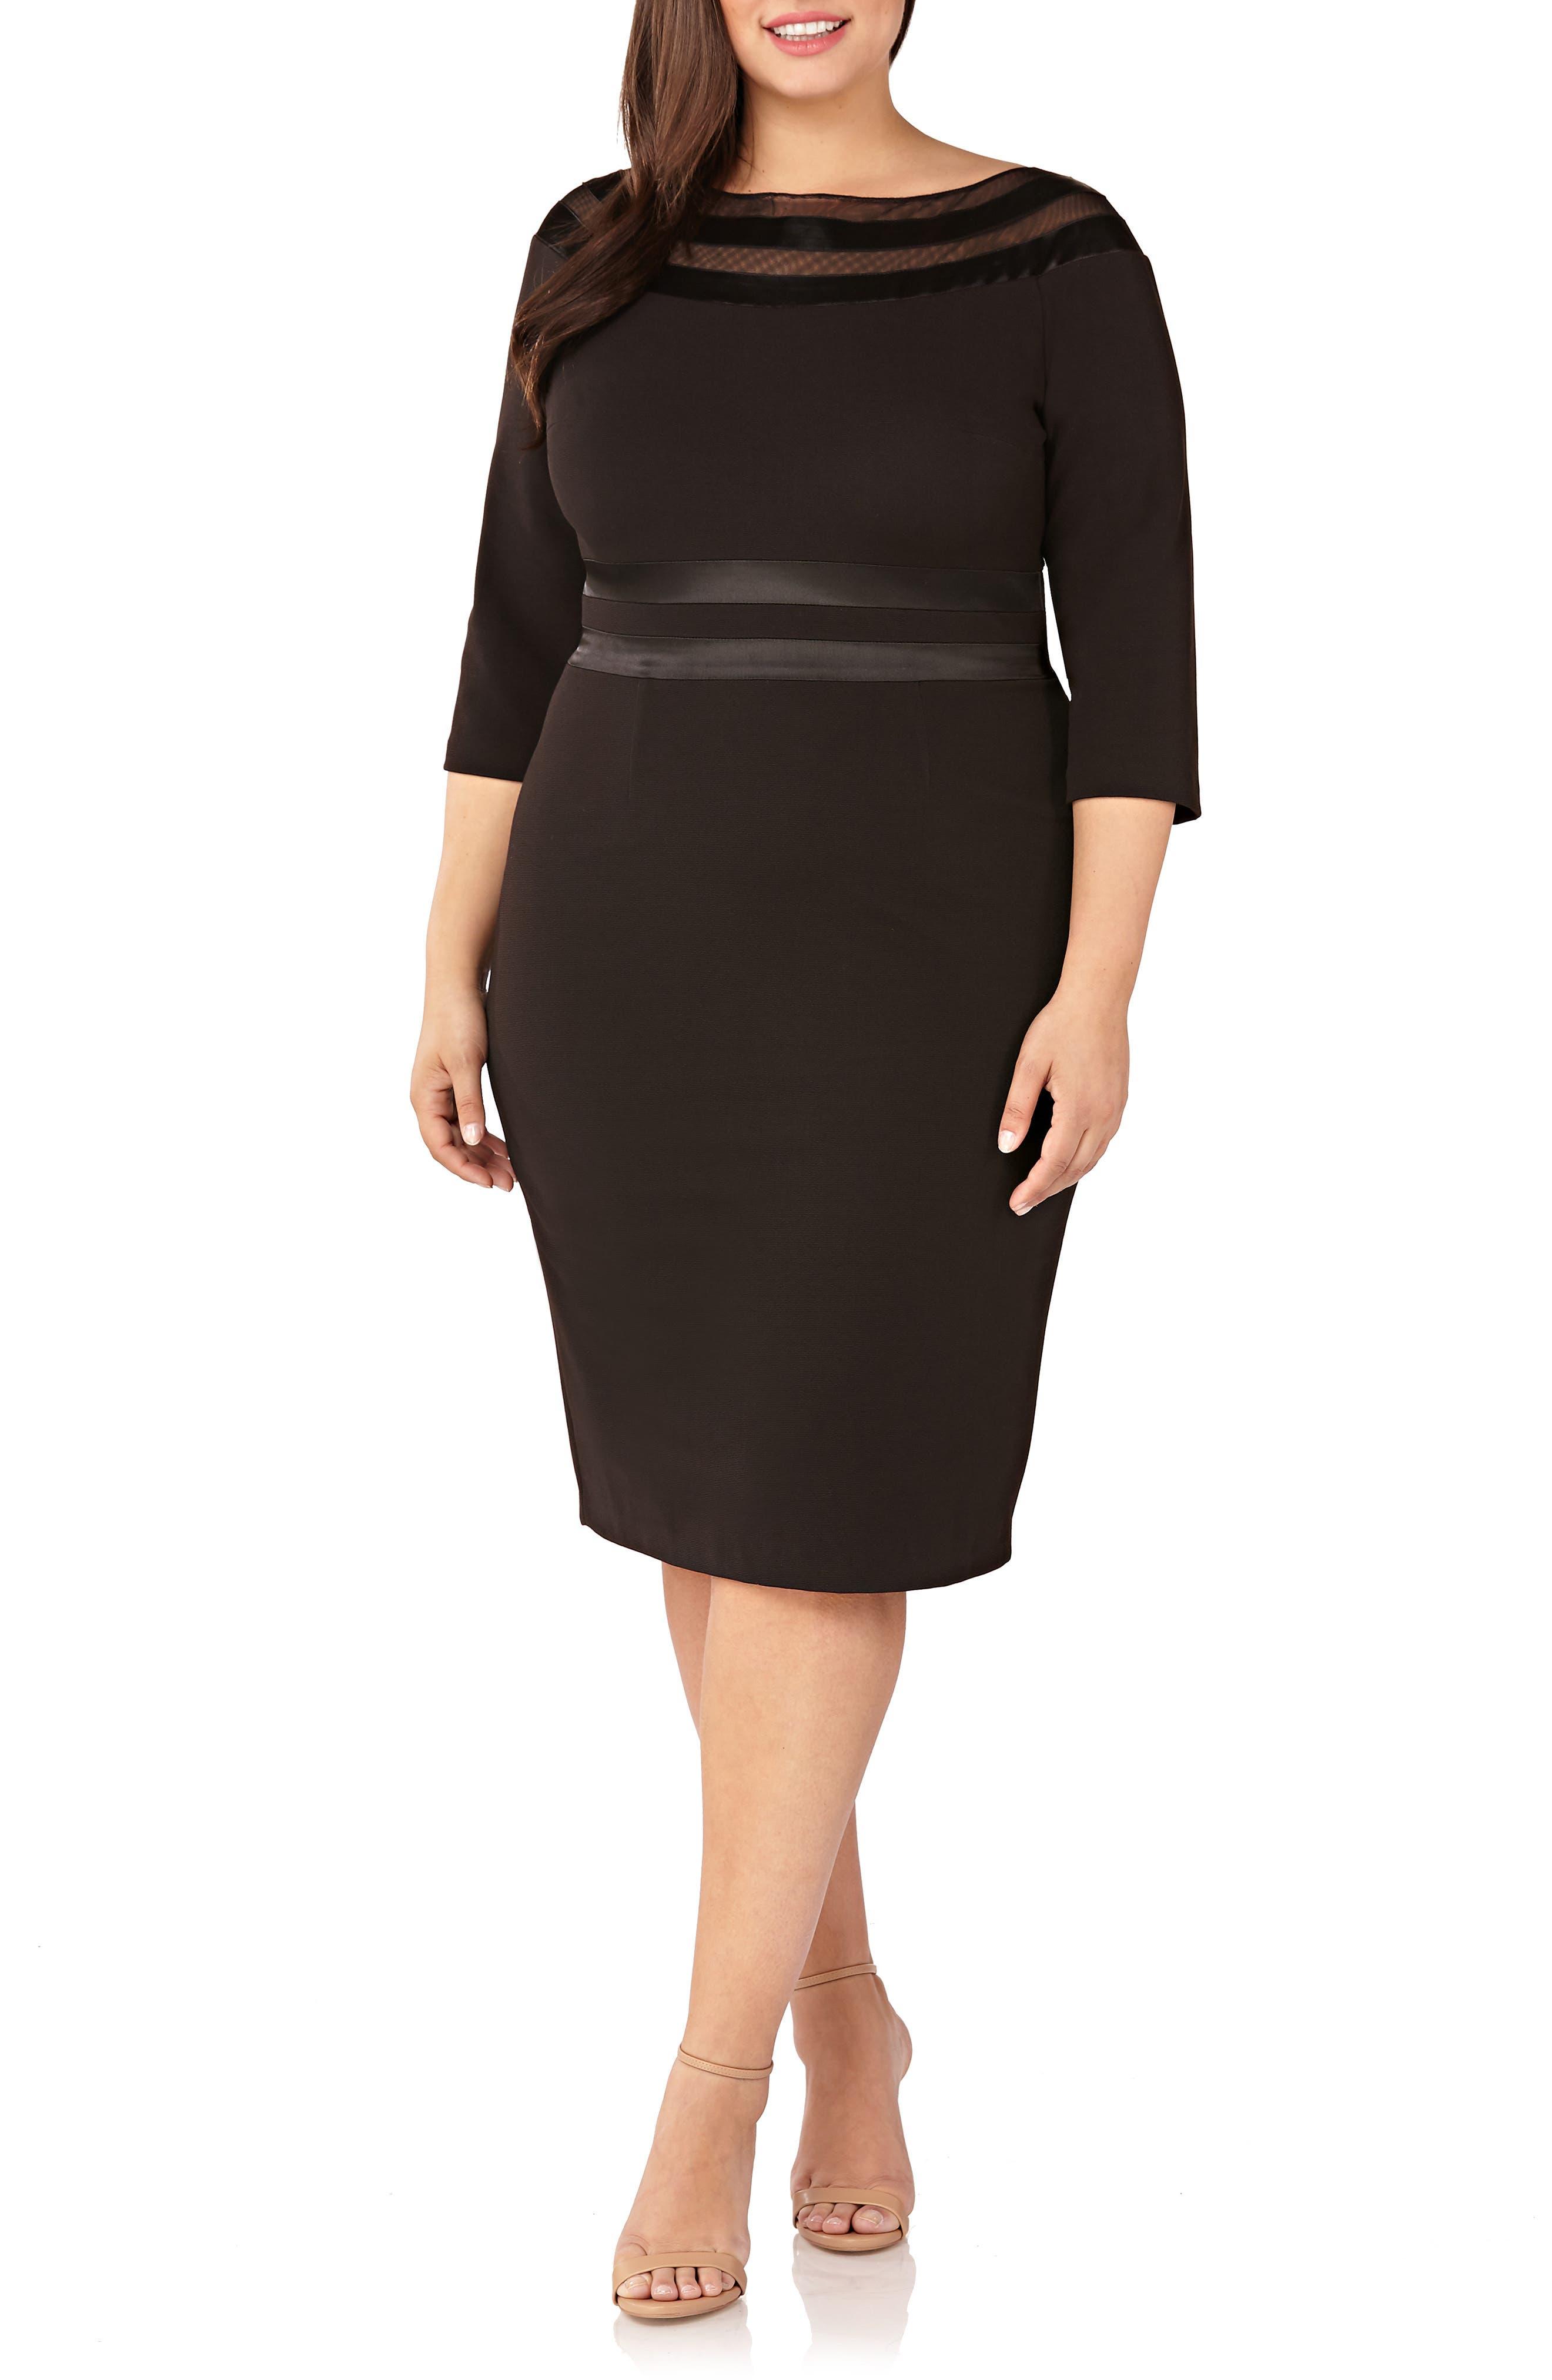 Plus Size Js Collections Illusion Lace Velvet Trim Cocktail Dress, Black